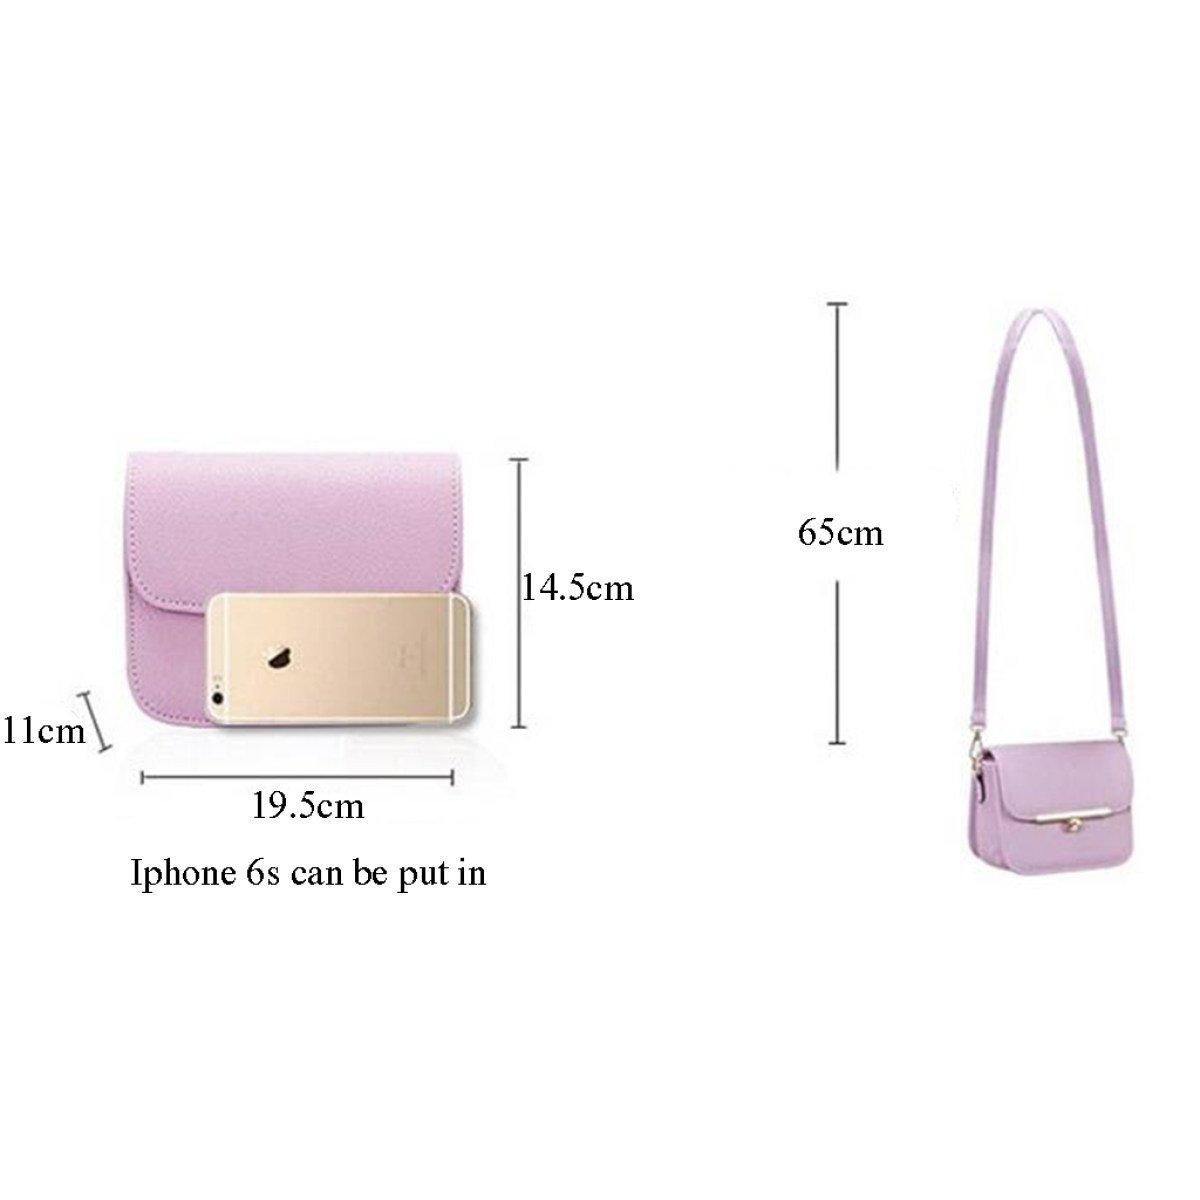 MERRYHE Frauen Clutch PU Leder Mini Schulter Handtaschen Crossbody Taschen Taschen Taschen Einfache Vintage Messenger Bag Für Damen Damen Mädchen B07C3MJNS9 Schultertaschen Qualität b670a0